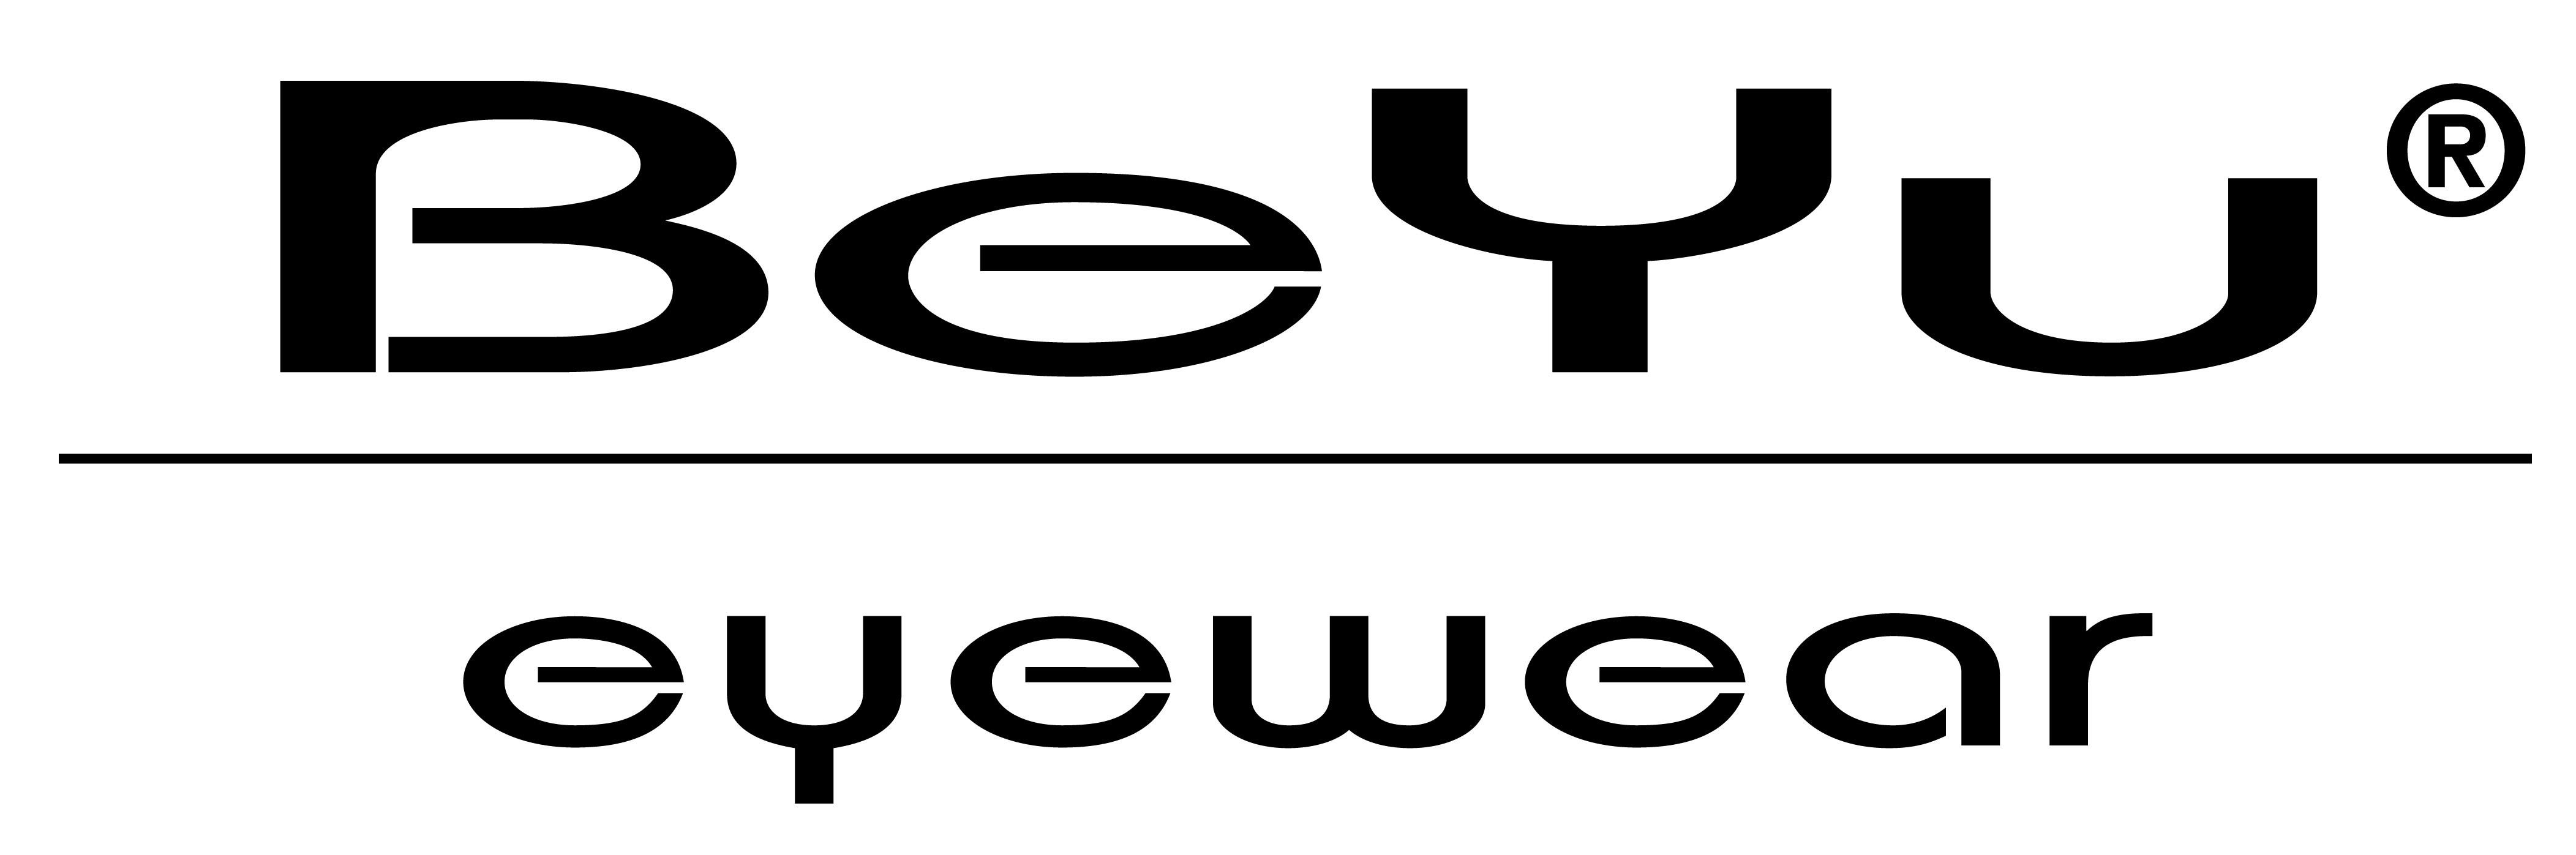 Maurice NancyMagasin Lunettes De Frères Opticien erdxWCBo